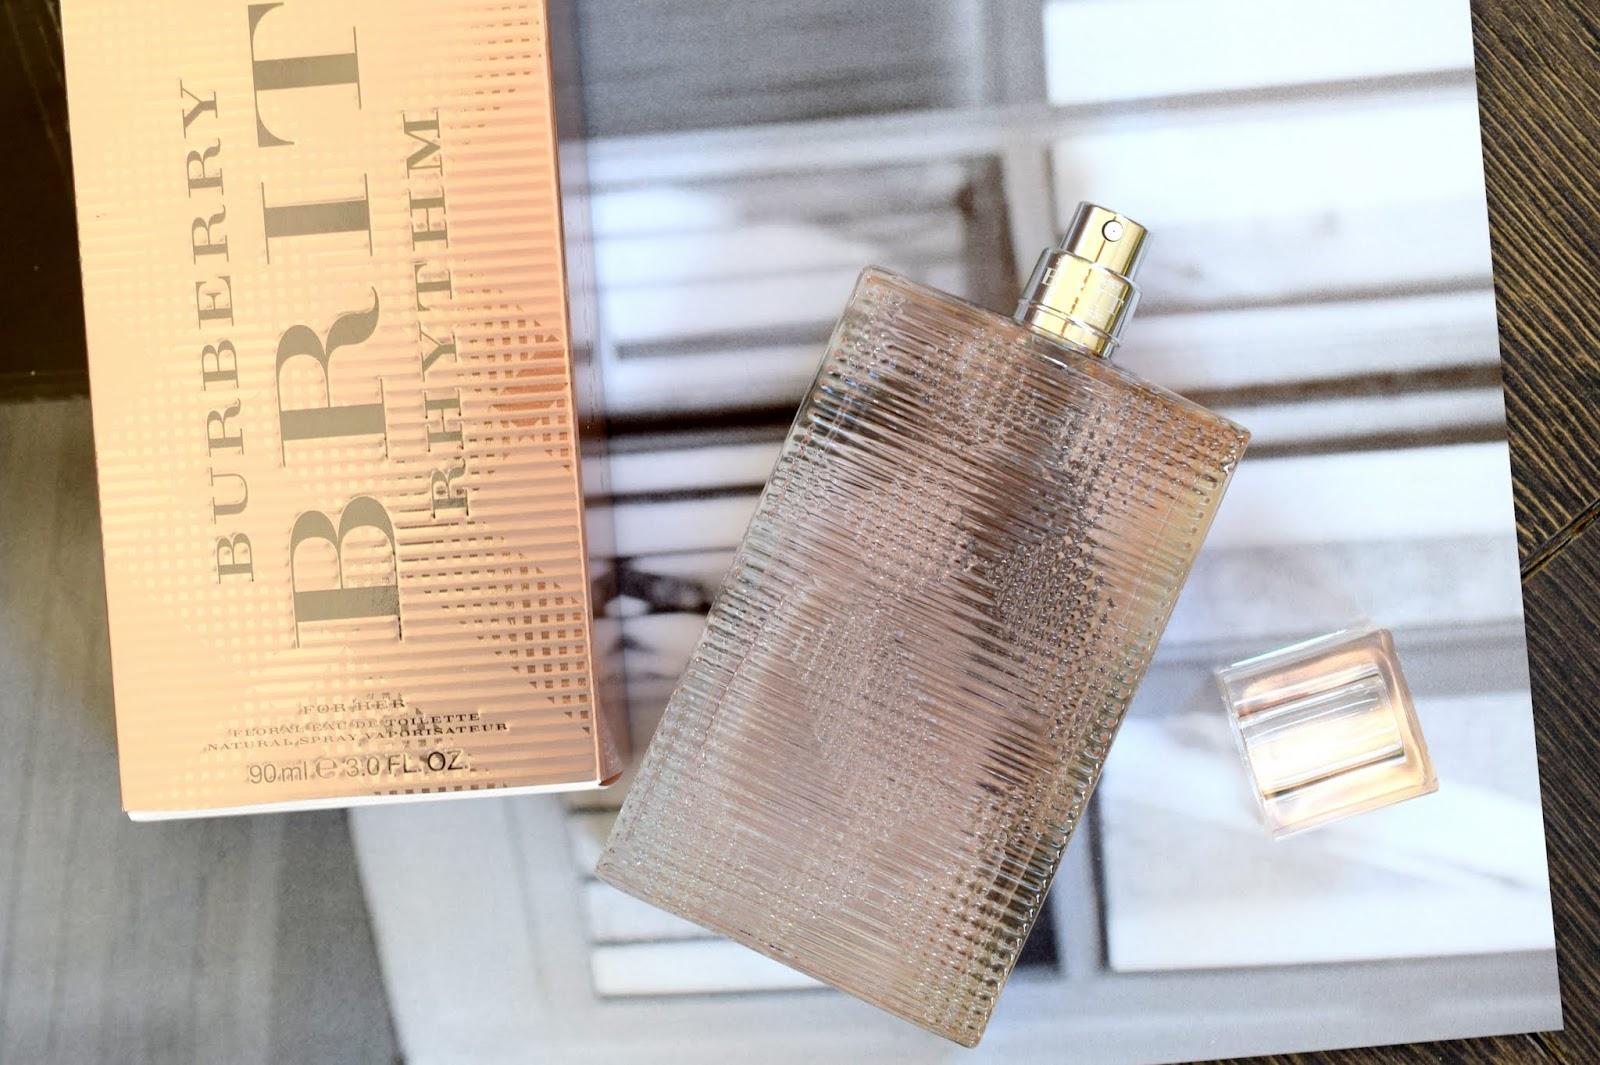 Parfum Review: Burberry Brit Rhythm for Her Eau de Toilette